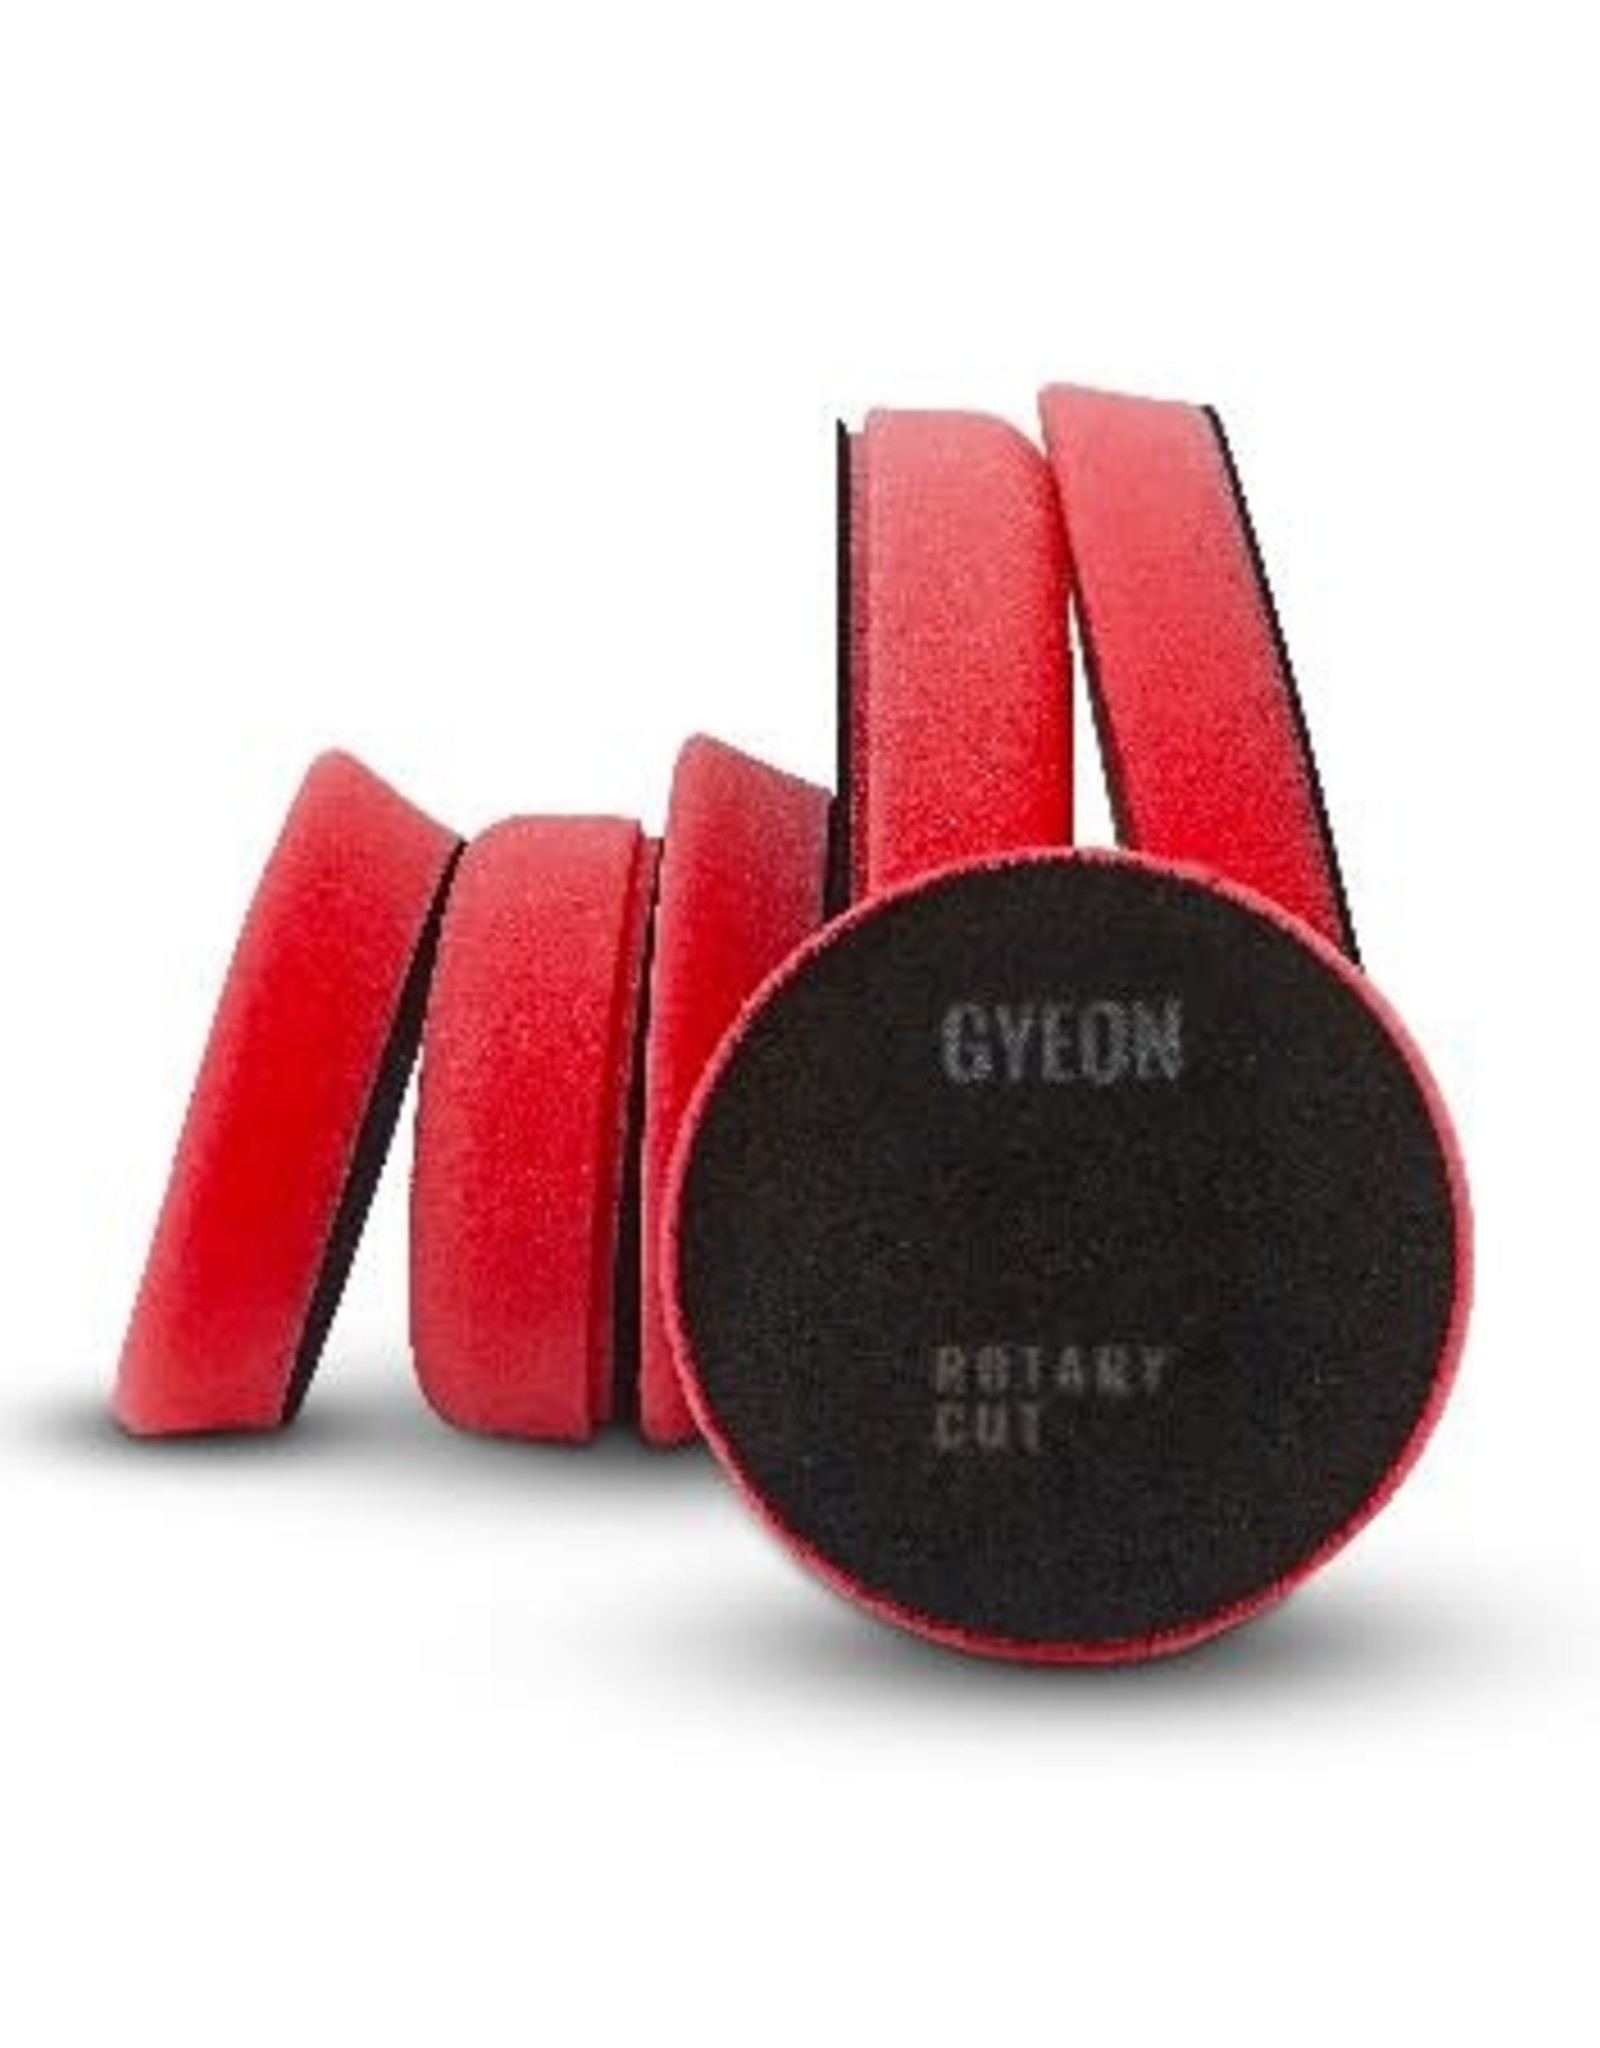 Gyeon Q²M Eccentric Cut 145mm x 20mm